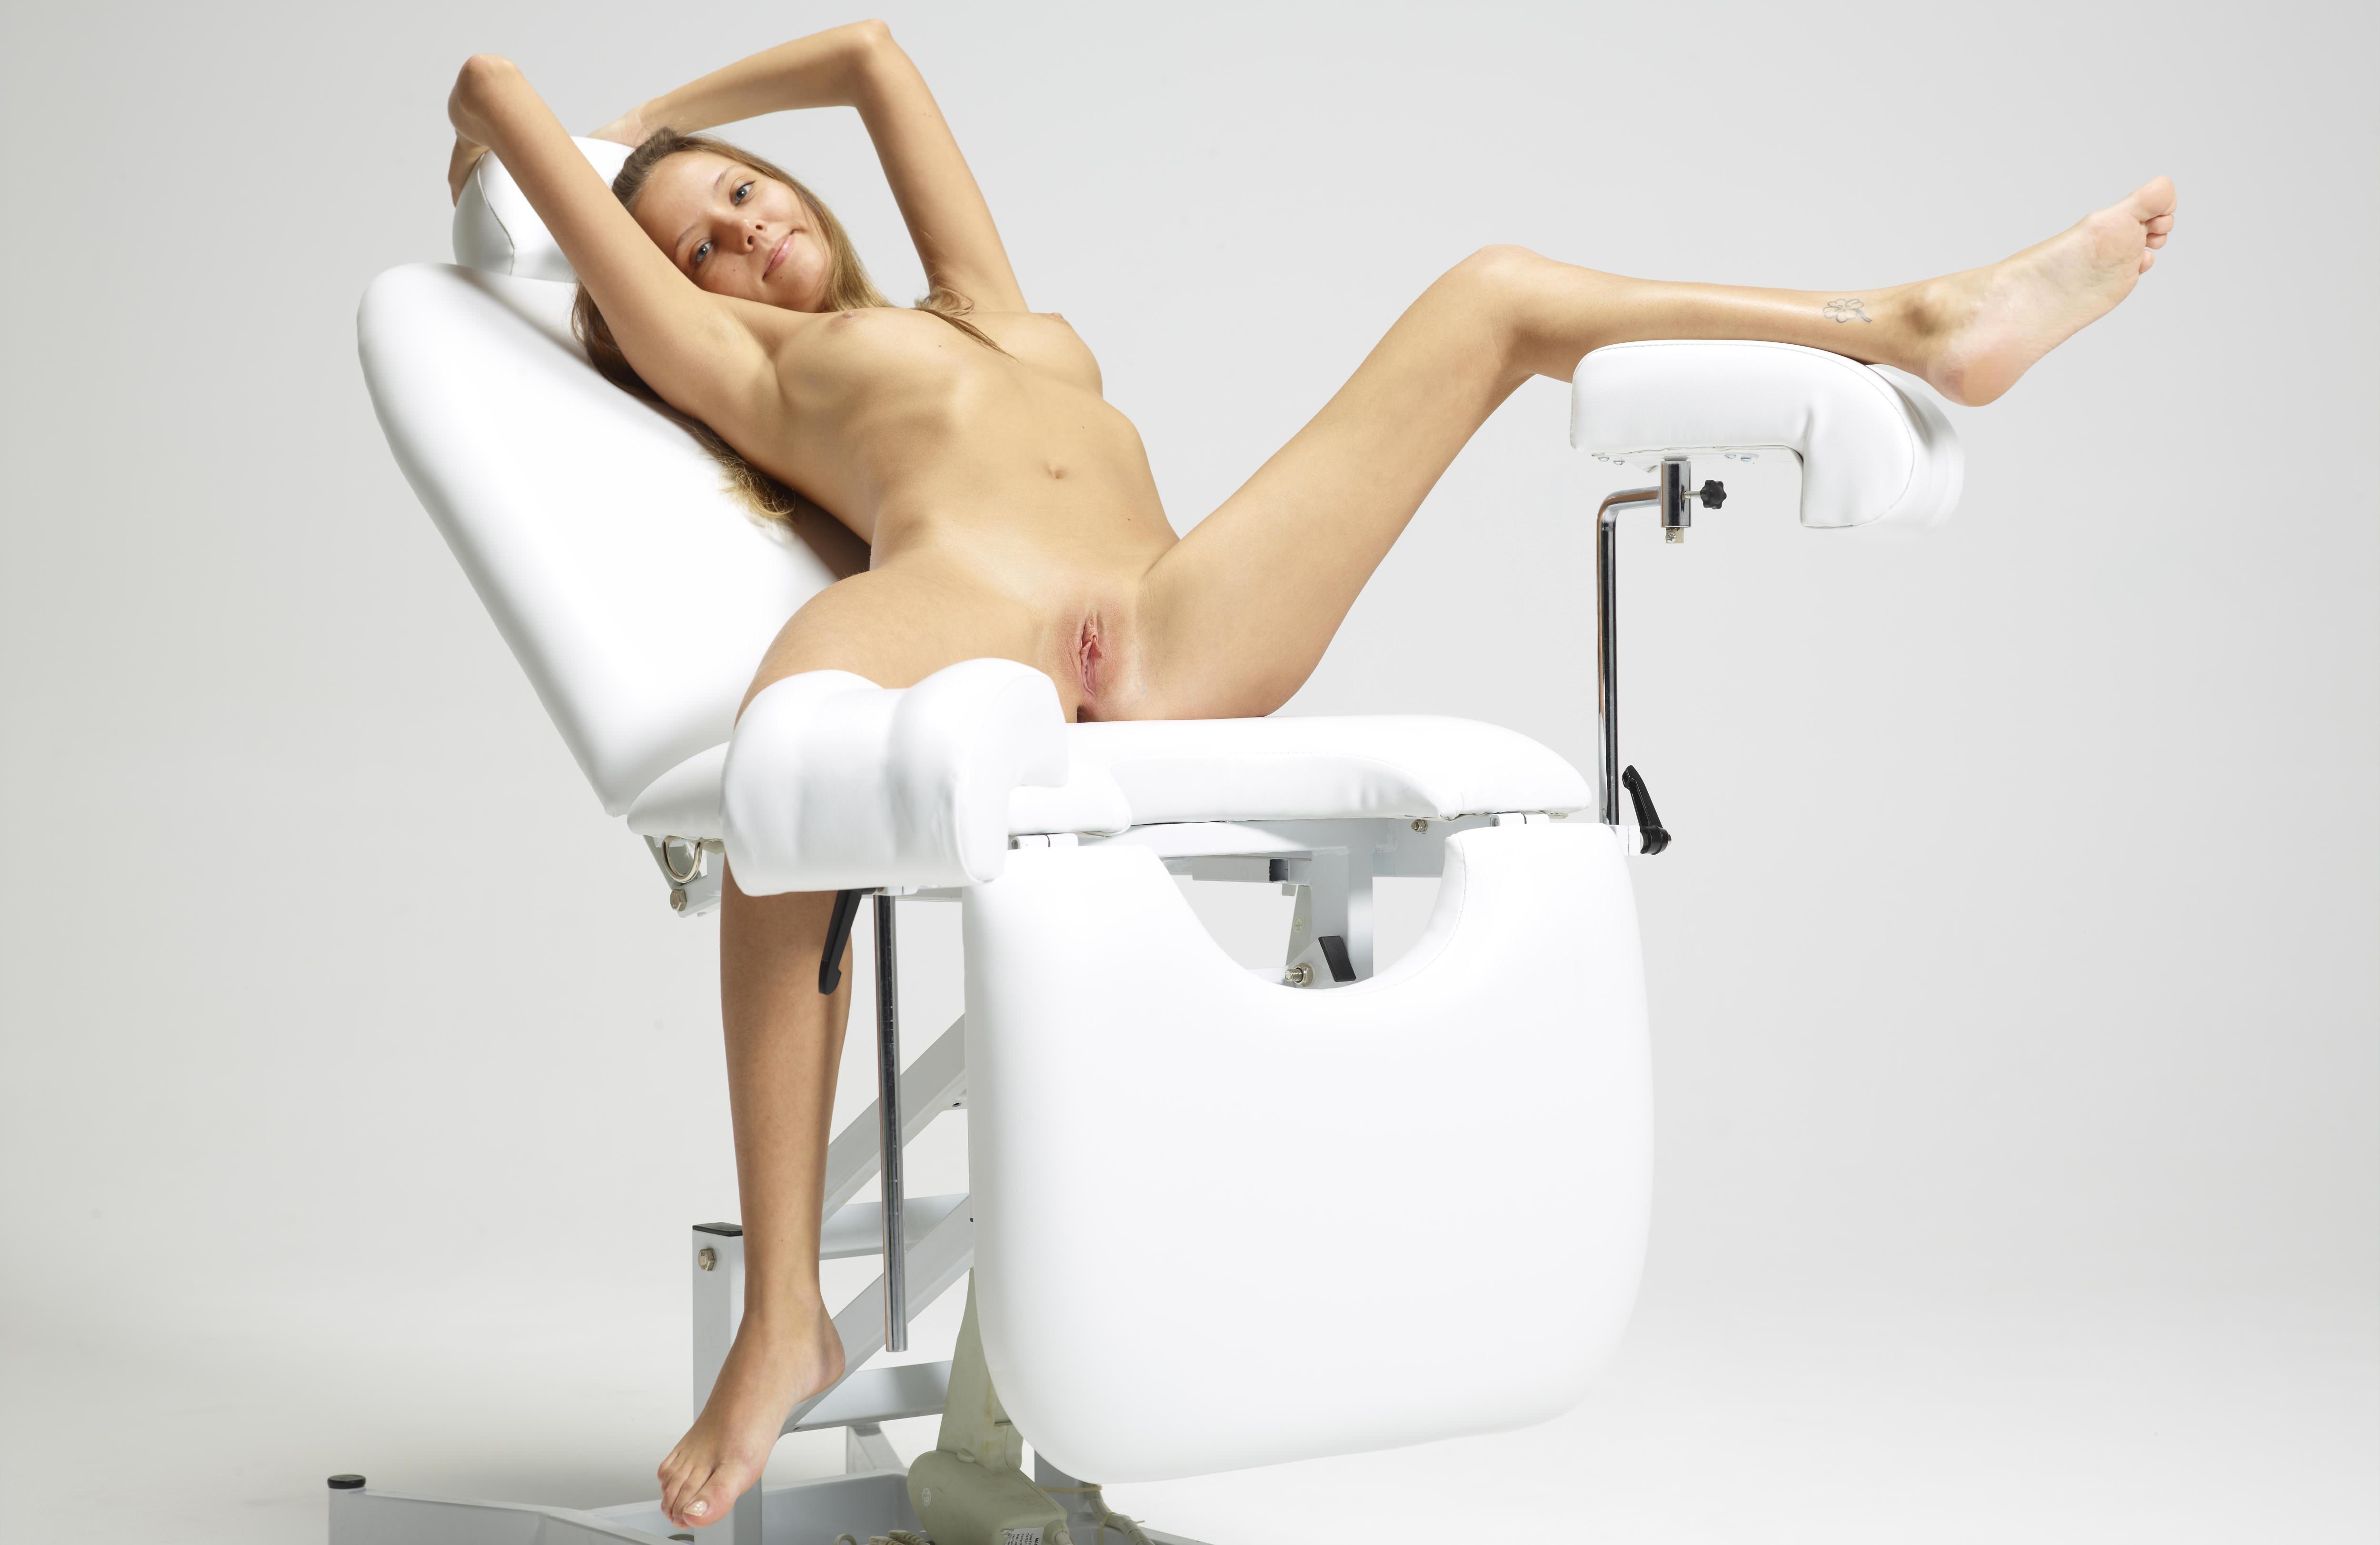 Приём у гениколога порно фото 24 фотография